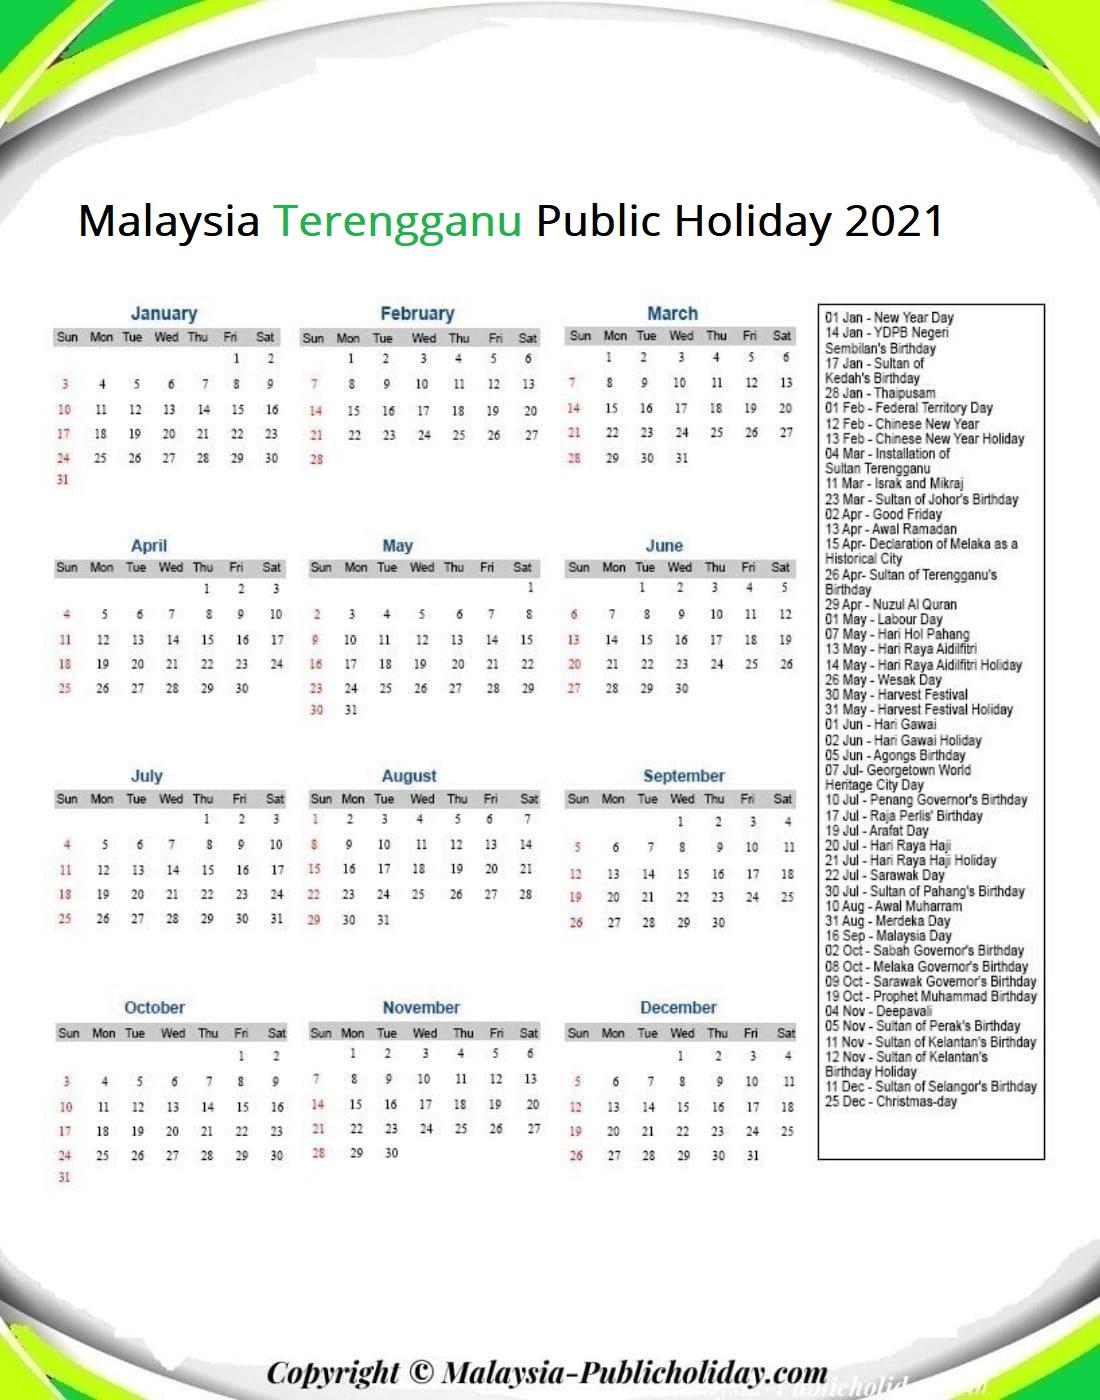 Terengganu Calendars with Holidays 2021